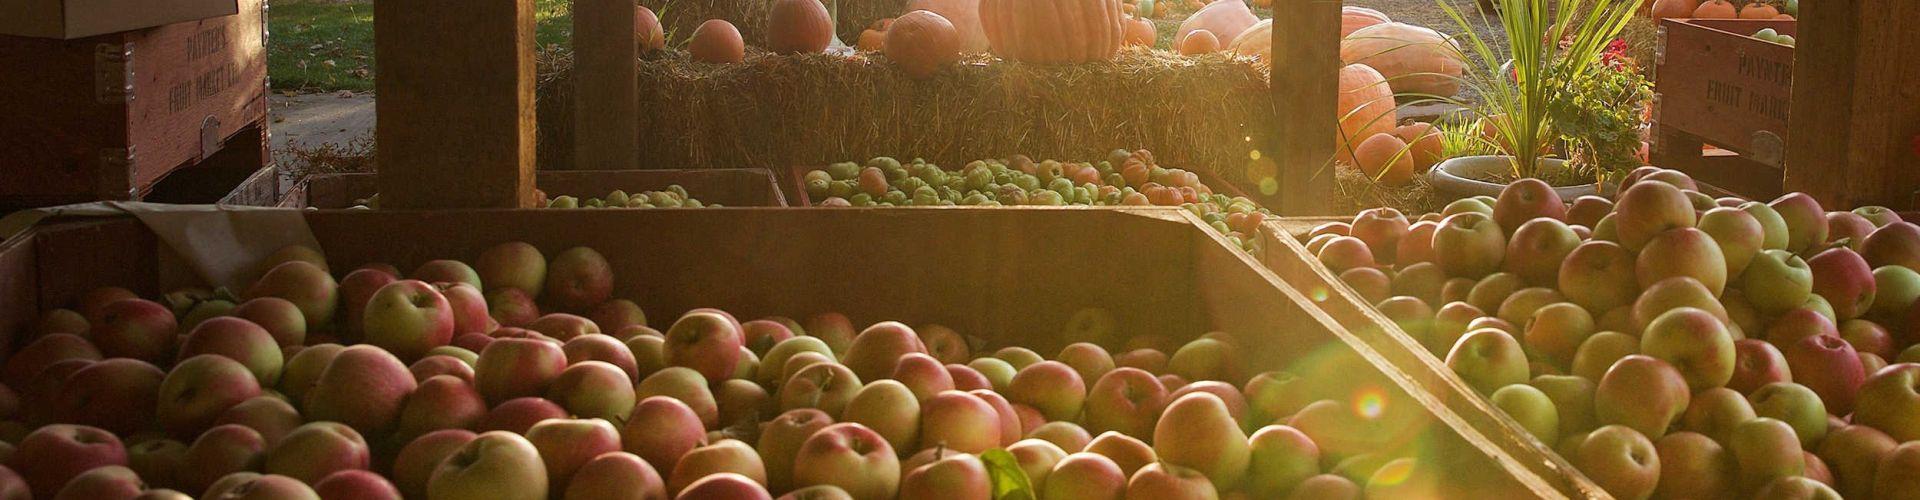 Thanksgiving harvest in West Kelowna